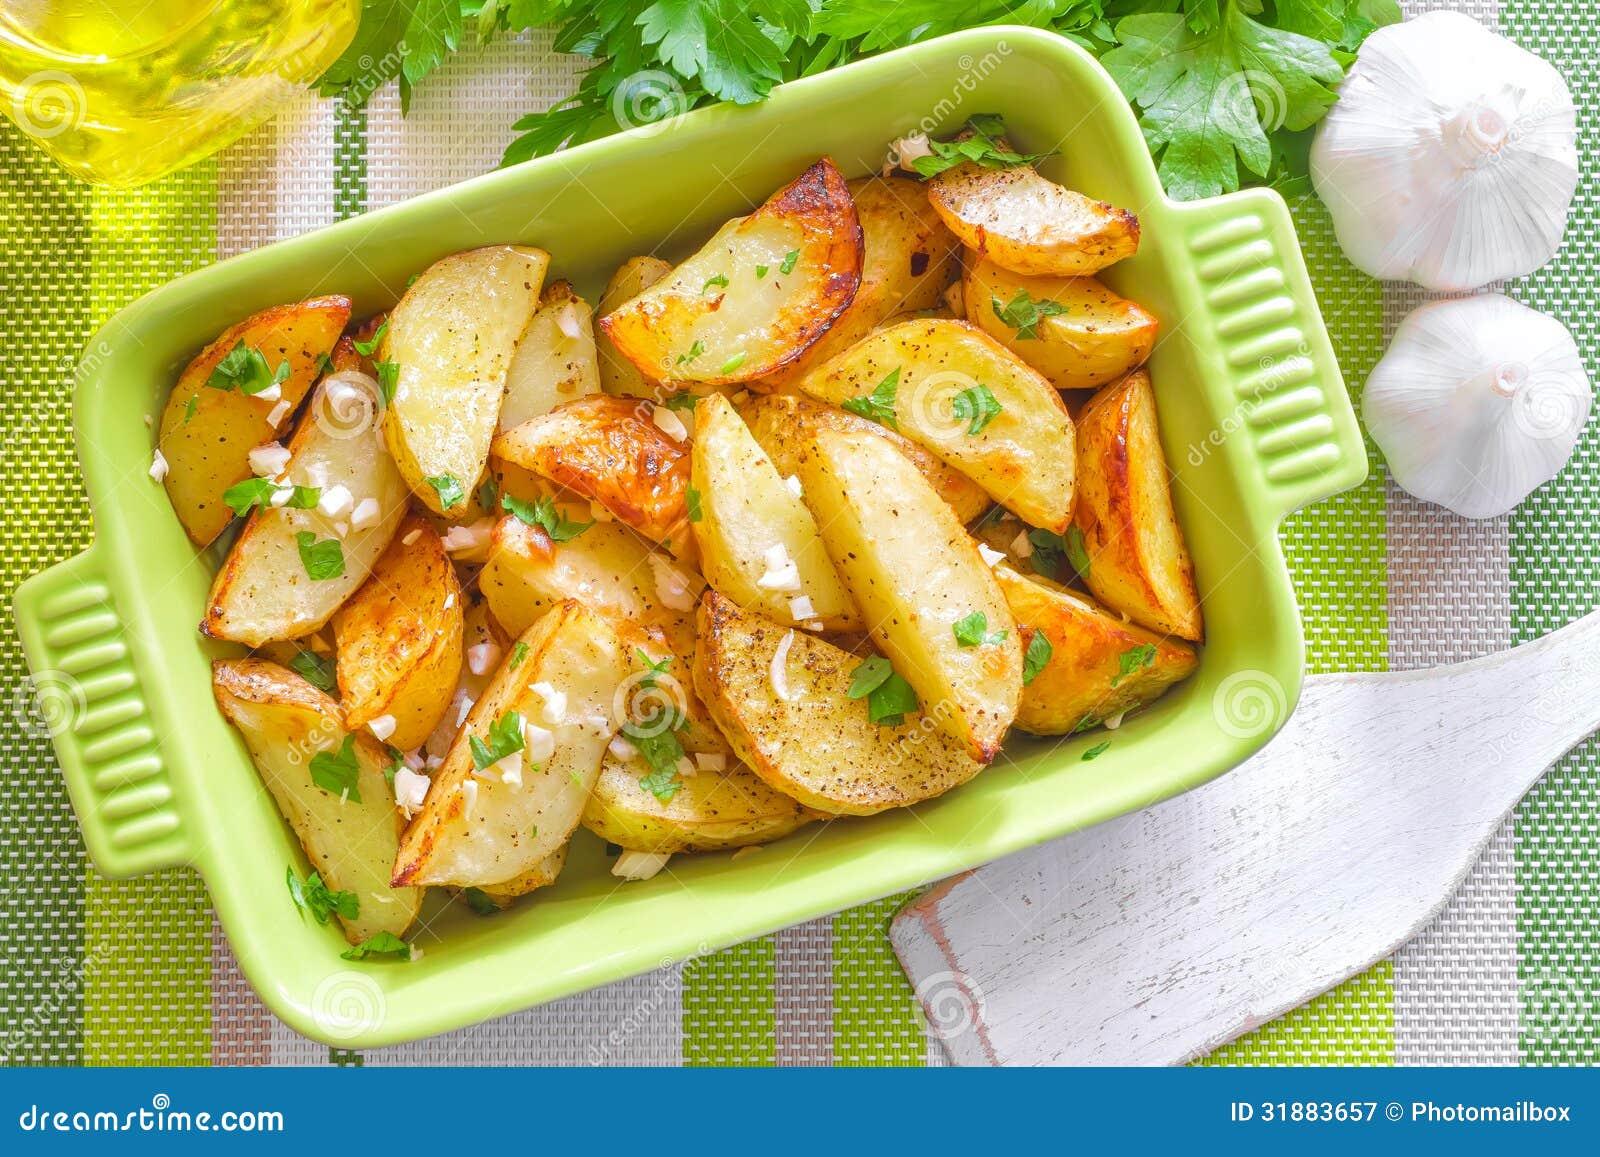 Pomme de terre cuite au four photographie stock libre de - Pomme de terre paillasson au four ...